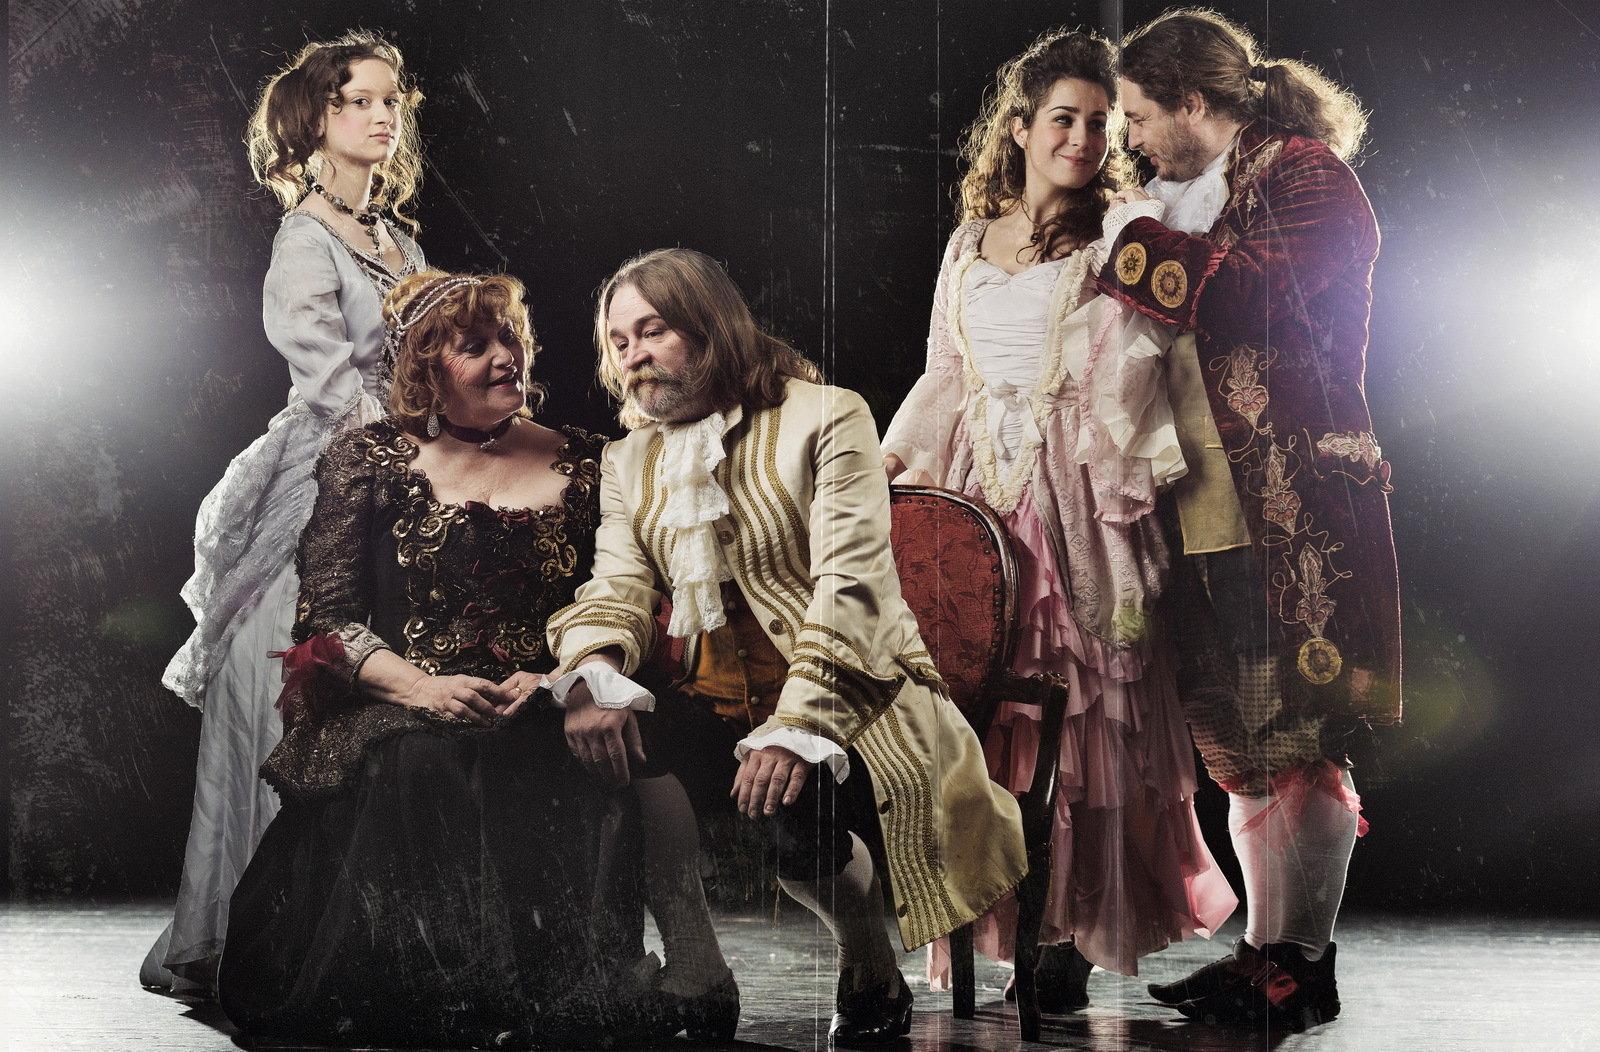 Attila Bocsárszky, Csaba László Eröss, Andrea Ivett Eröss, Mária Kövesdi Szabó, and Lilla Dégner in Benyovszky, the rebel count (2015)